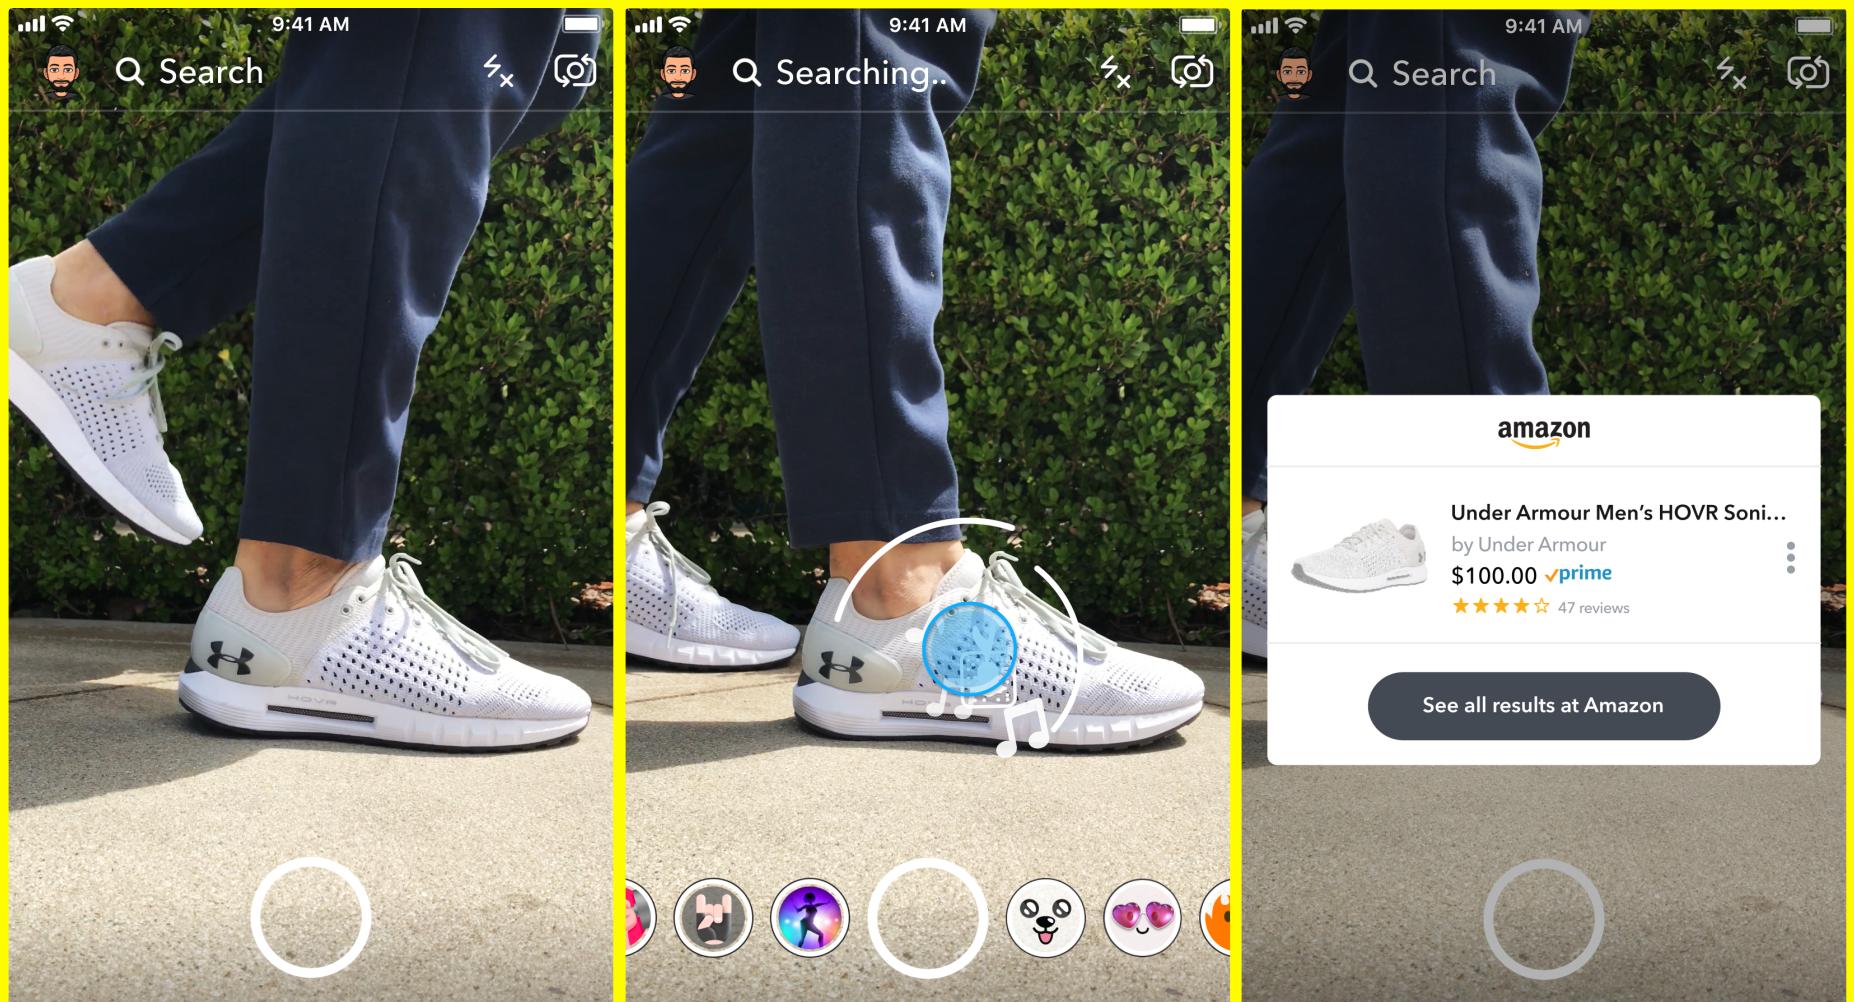 Snapchat Visual Search